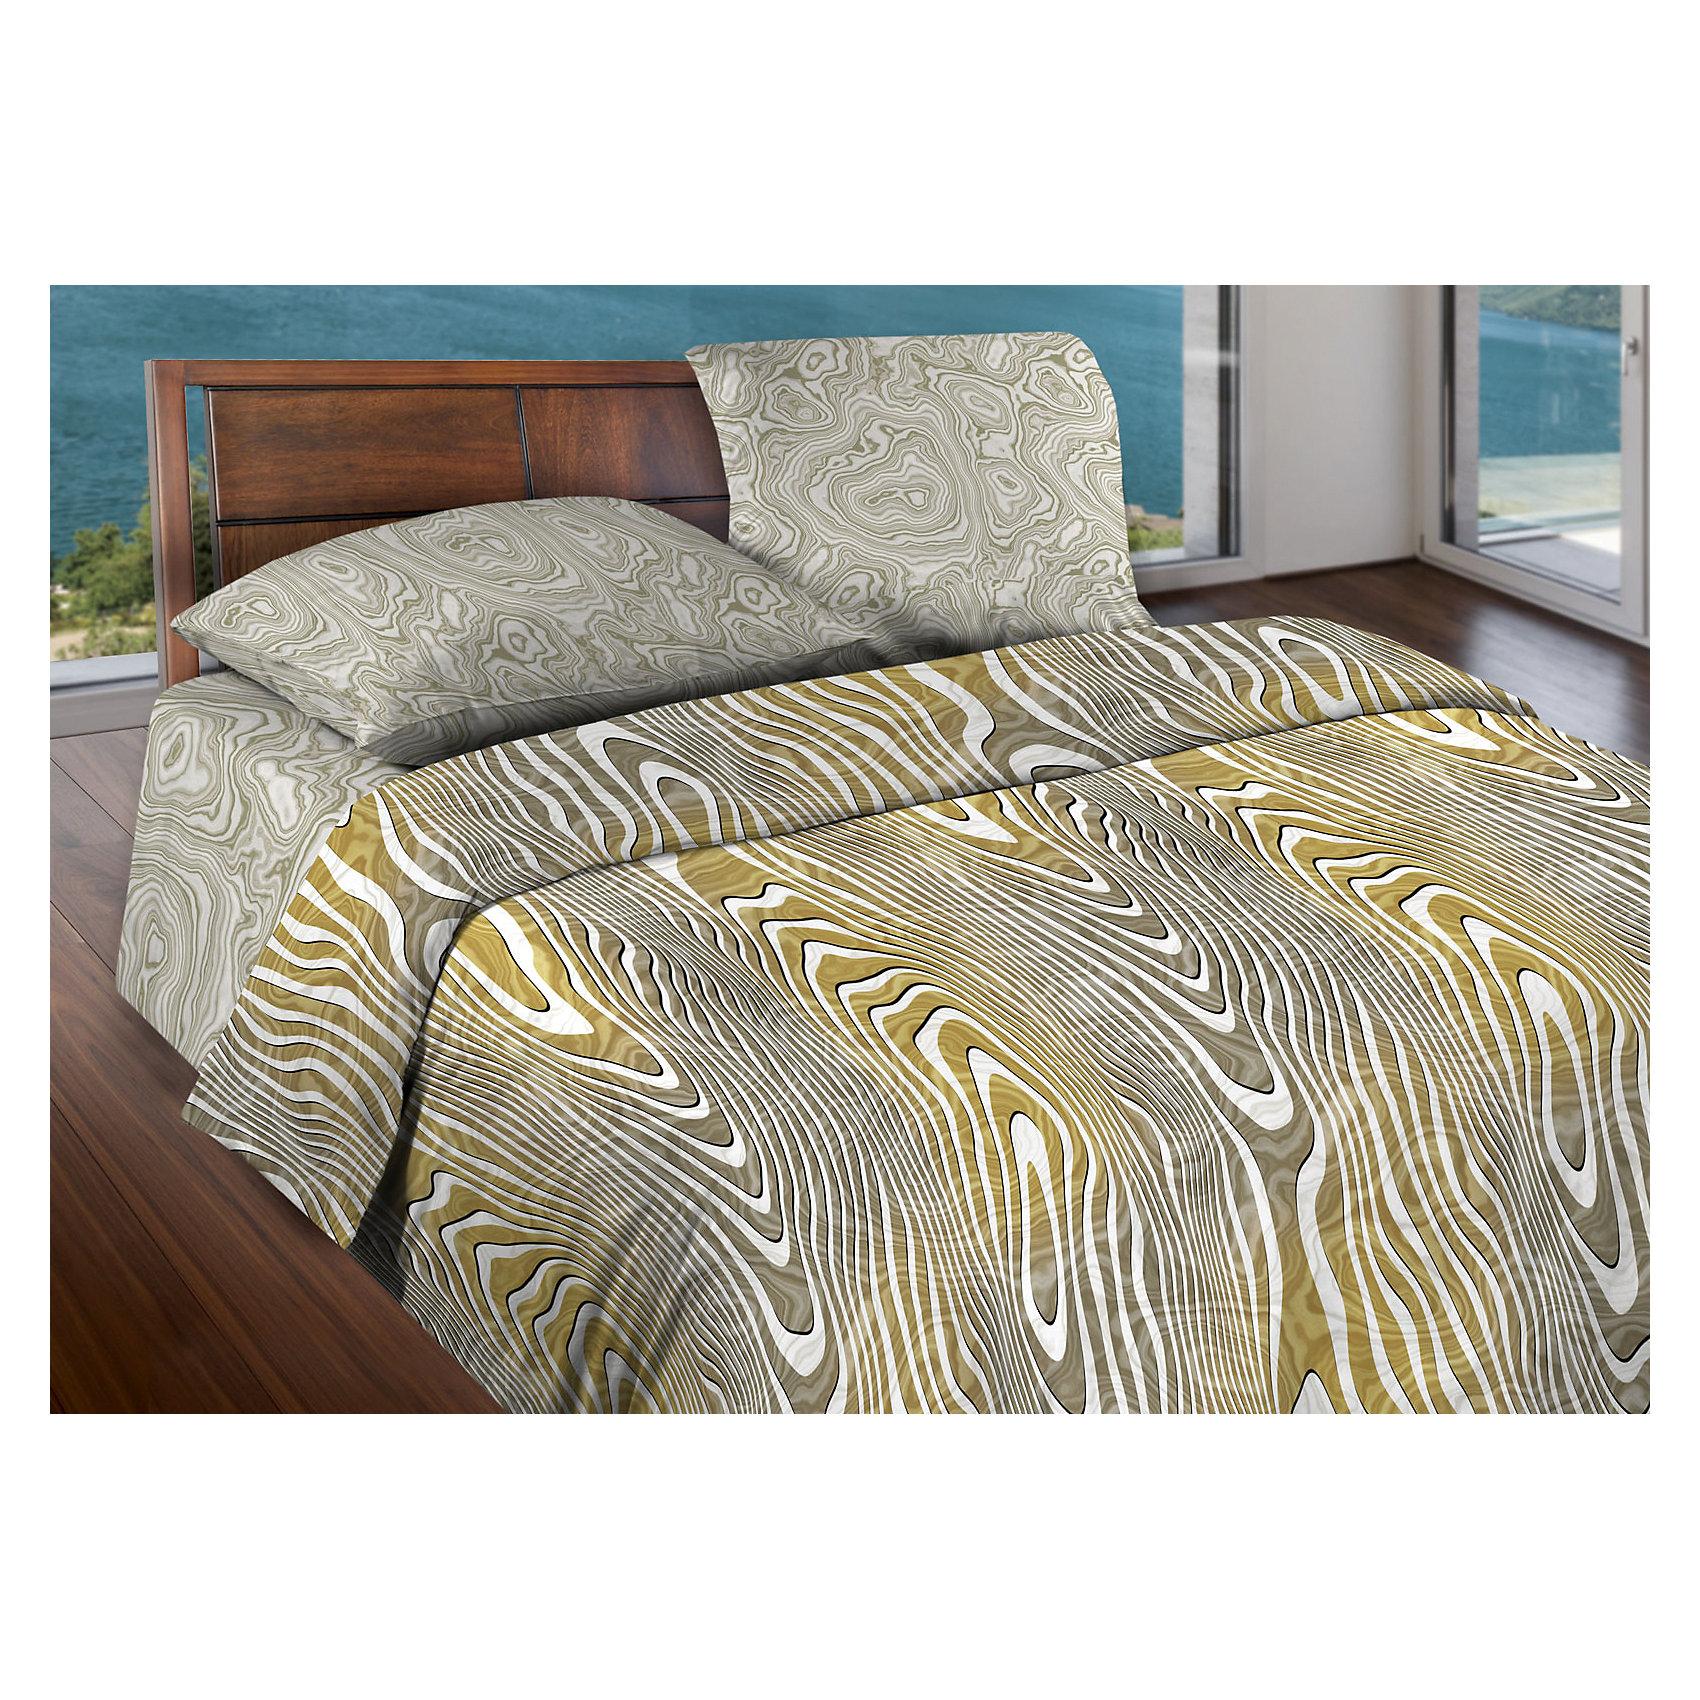 Комплект постельного белья БИО Комфорт Agate, 1,5 спальное, WengeДомашний текстиль<br>Комплект постельного белья БИО Комфорт Agate, 1,5 спальное, Wenge (Венге)<br><br>Характеристики:<br><br>• изготовлено из натуральной, биологически чистой ткани<br>• высокая износостойкость<br>• приятное на ощупь<br>• оригинальный дизайн<br>• тип комплекта: 1,5-спальный<br>• материал: БИО комфорт (100% хлопок)<br>• в комплекте: простыня, пододеяльник, наволочка (2 шт.)<br>• размер простыни: 150х220 см<br>• размер пододеяльника: 145х215 см<br>• размер наволочки: 70х70 см<br><br>Постельное белье Agate обеспечит вам здоровый и комфортный сон на всю ночь. Белье изготовлено из высококачественного материала биокомфорт. Биокомфорт - бязь из натурального хлопка. Она очень приятная и мягкая на ощупь. Кроме того, биокомфорт имеет такие свойства как прочность и долговечность. Белье не меняет свой цвет и форму после многочисленных стирок. Комплект декорирован приятным узором, который, несомненно, поднимет вам настроение.<br><br>Комплект постельного белья БИО Комфорт Agate, 1,5 спальное, Wenge (Венге) вы можете купить в нашем интернет-магазине.<br><br>Ширина мм: 350<br>Глубина мм: 250<br>Высота мм: 80<br>Вес г: 1400<br>Возраст от месяцев: 36<br>Возраст до месяцев: 216<br>Пол: Унисекс<br>Возраст: Детский<br>SKU: 5430841